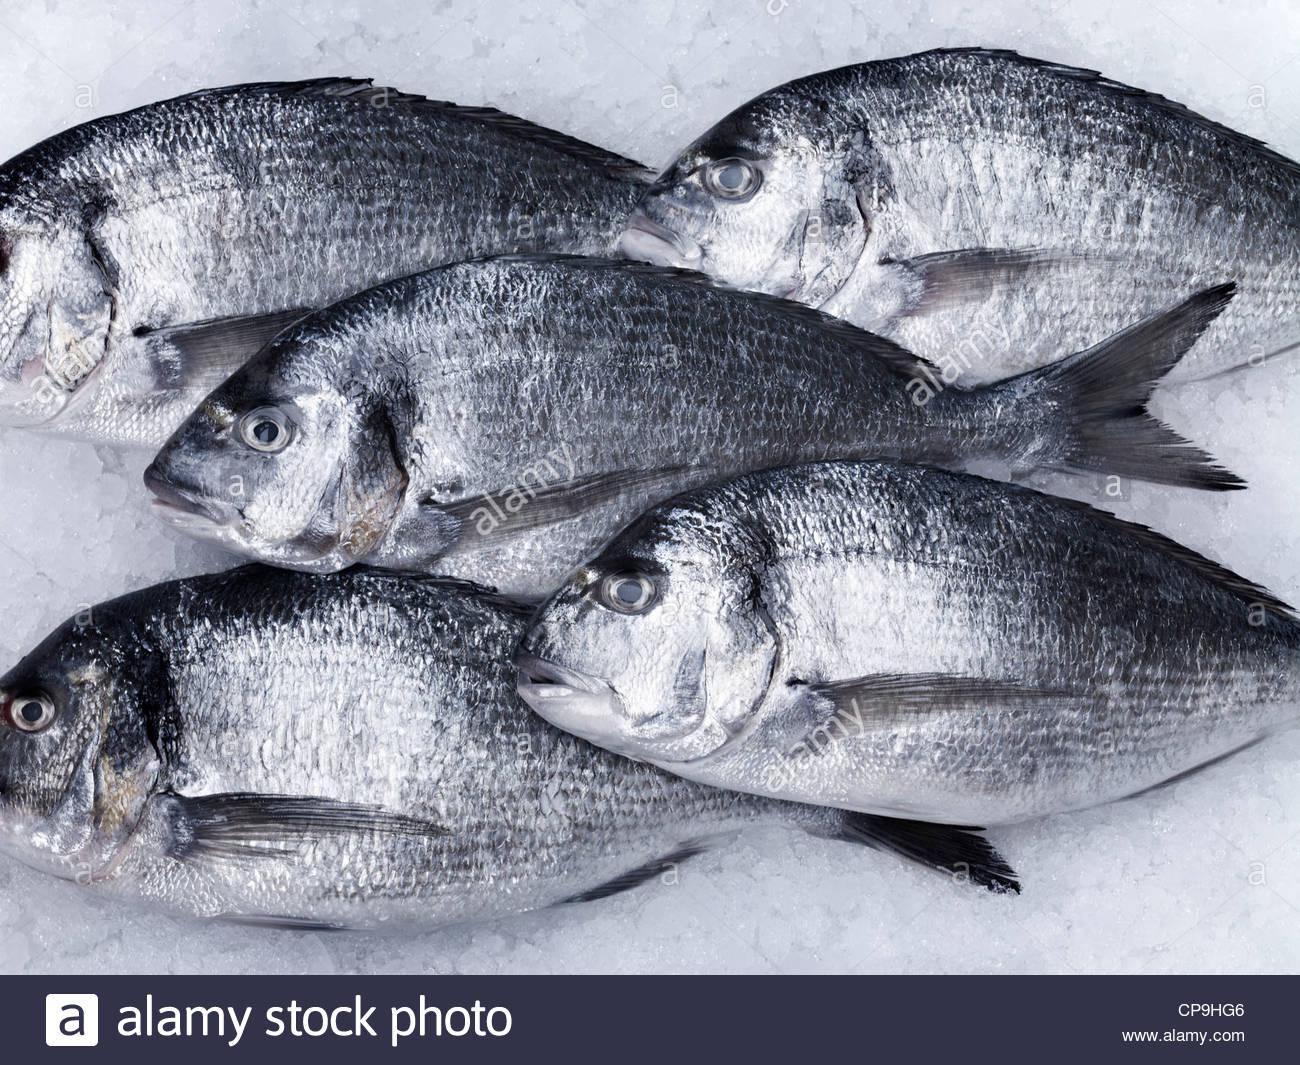 Tiere, Nahaufnahme, Farbbild, Kühlung, tot Fisch, Fisch, Fisch auf Eis, fünf Tiere, fünf Objekte, Stockbild